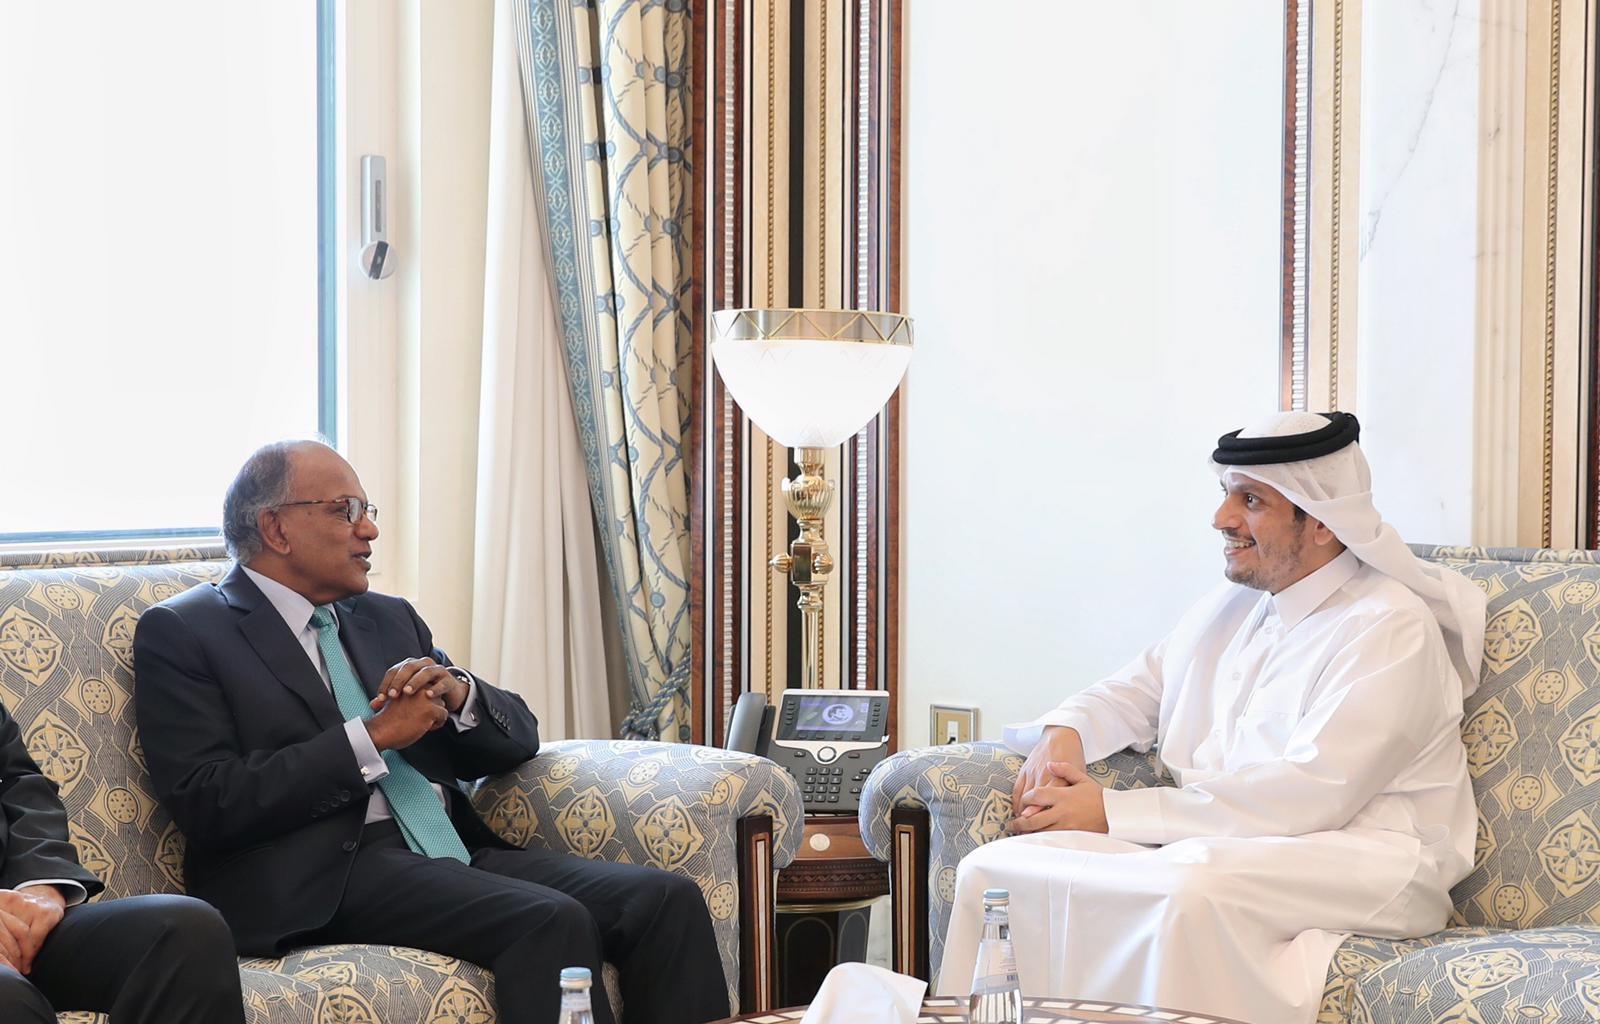 نائب رئيس مجلس الوزراء وزير الخارجية يجتمع مع وزير الشؤون الداخلية والقانون السنغافوري